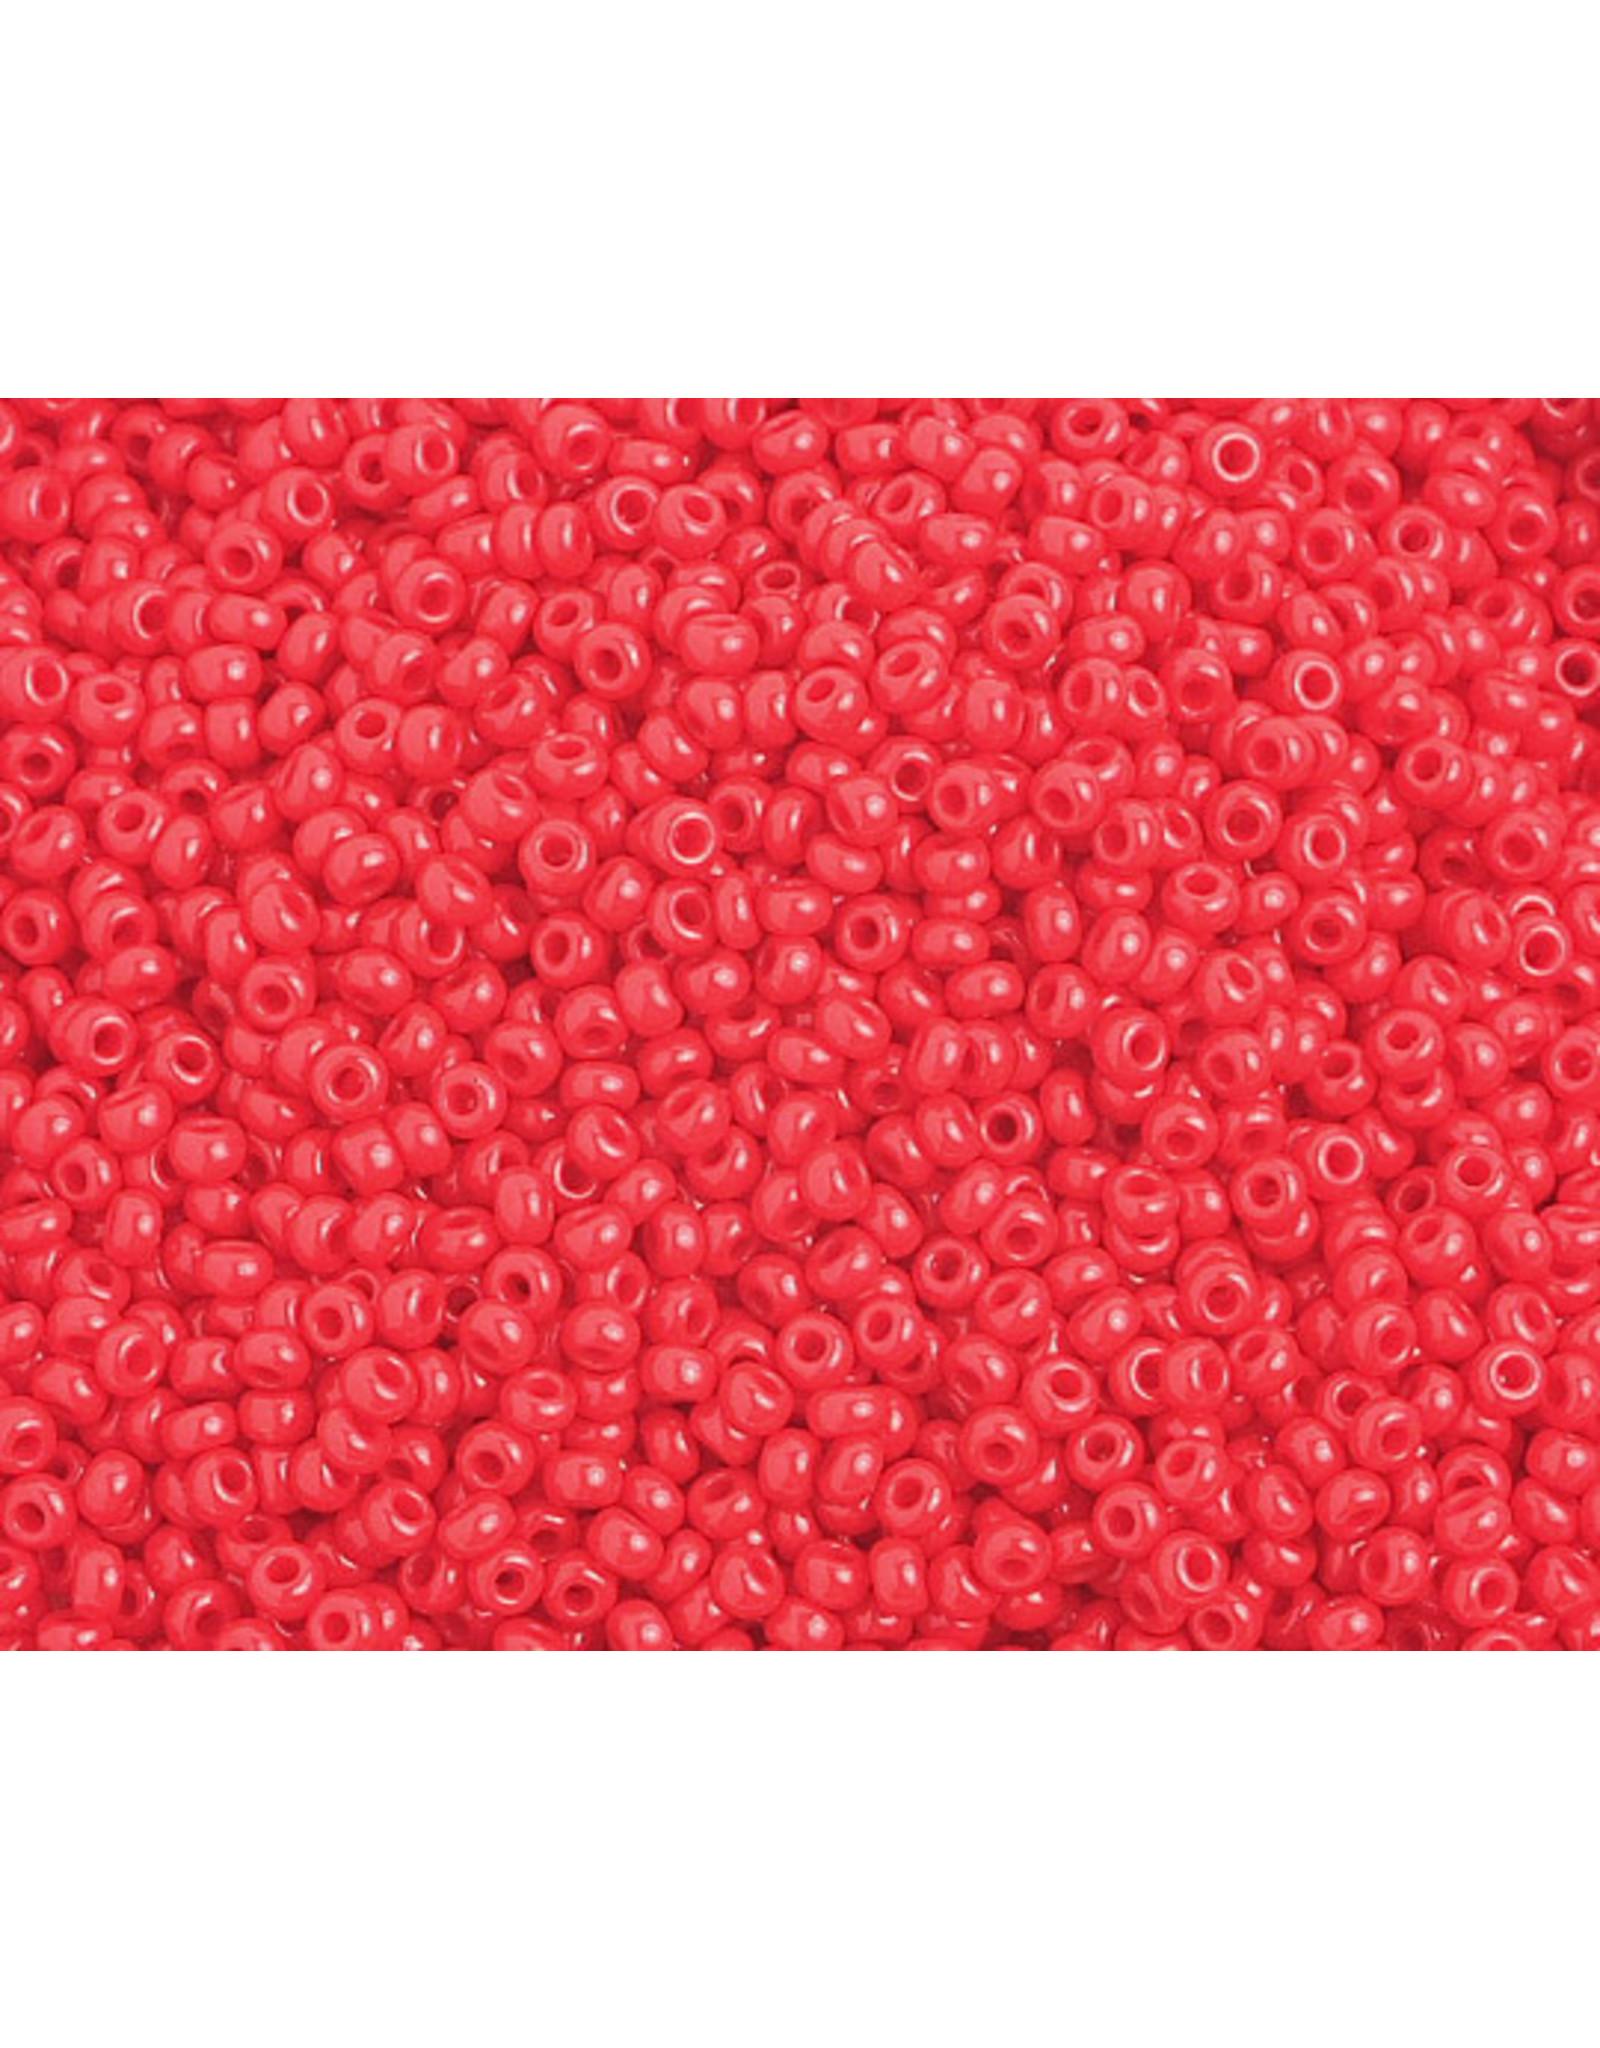 Czech 1026 10 Czech Seed 20g Opaque Medium Red